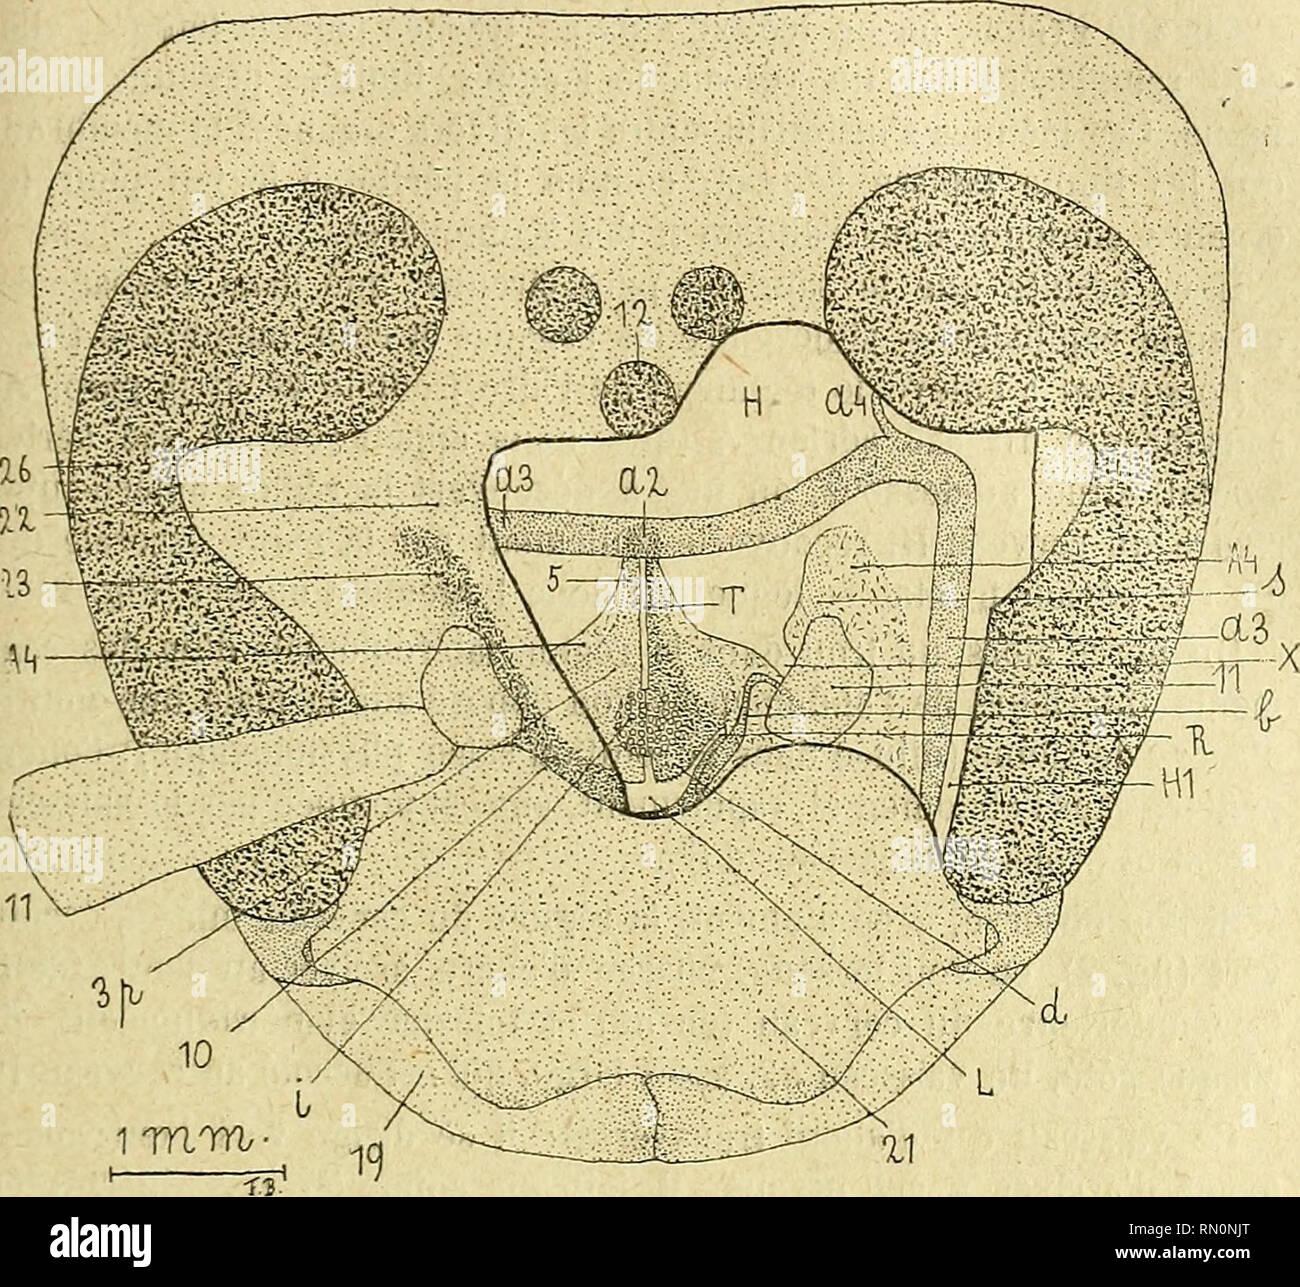 . Annales de la Société entomologique de France. Insects; Entomology. La circulation du sang chez Vesija crabro. 215 Ensuite, on constate que rintériour de la tète est, pour ainsi dire, déjà tout disséqué.. Fig. 2. —Tète de Frelon, ayant subi l'expérience I, à laquelle on a enlevé, d'un coté, une partie du tégument de l'aire frontale 23 et ouvert le sac aérien frontal sous-jacent. On a ainsi mis à découvert le cerveau H avec le vaisseau cérébral transverse a3, qui est injeclé d'encre de Chine. — Pour des raisons de clarté, on n'a représenté les dépôts noirs sur l'oesophage 5. le long du nerf r - Stock Image